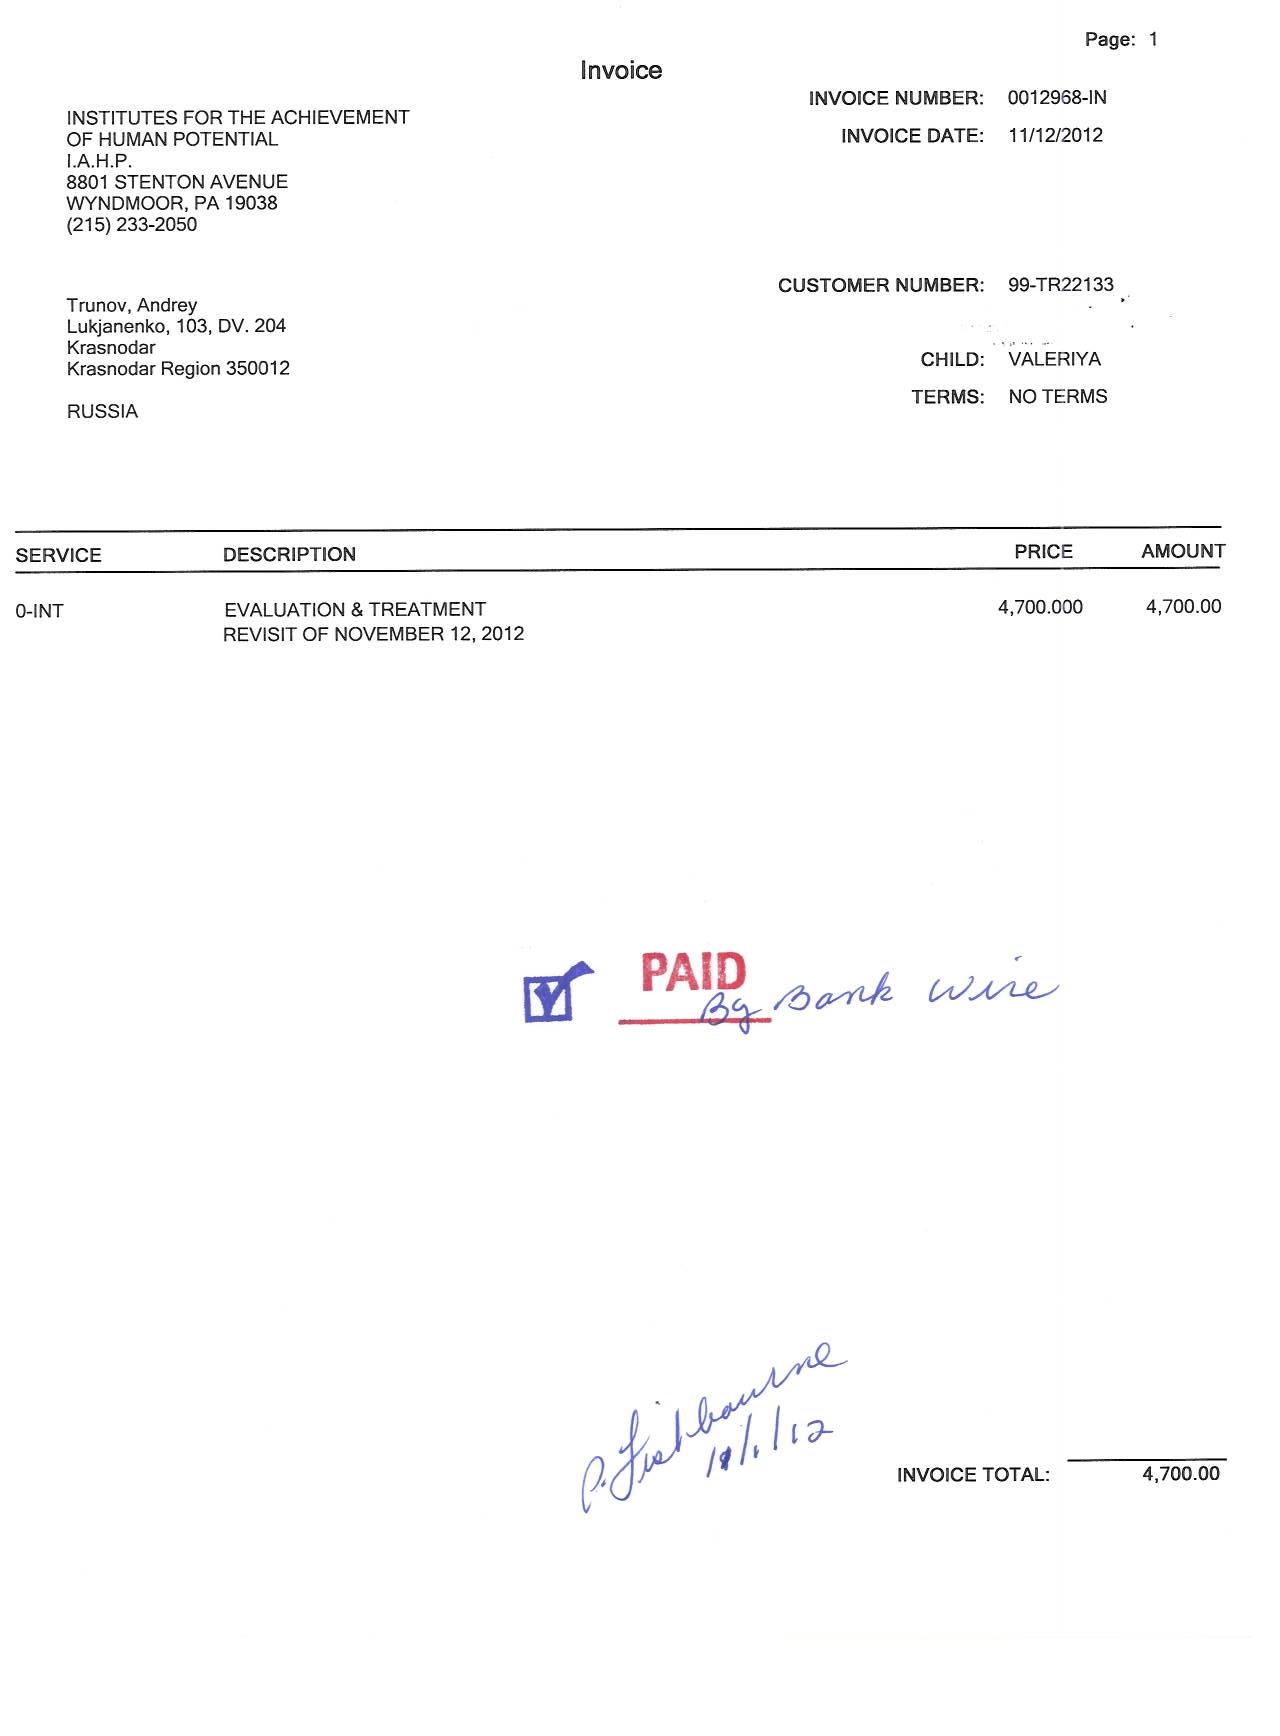 Подтверждение оплаты счета